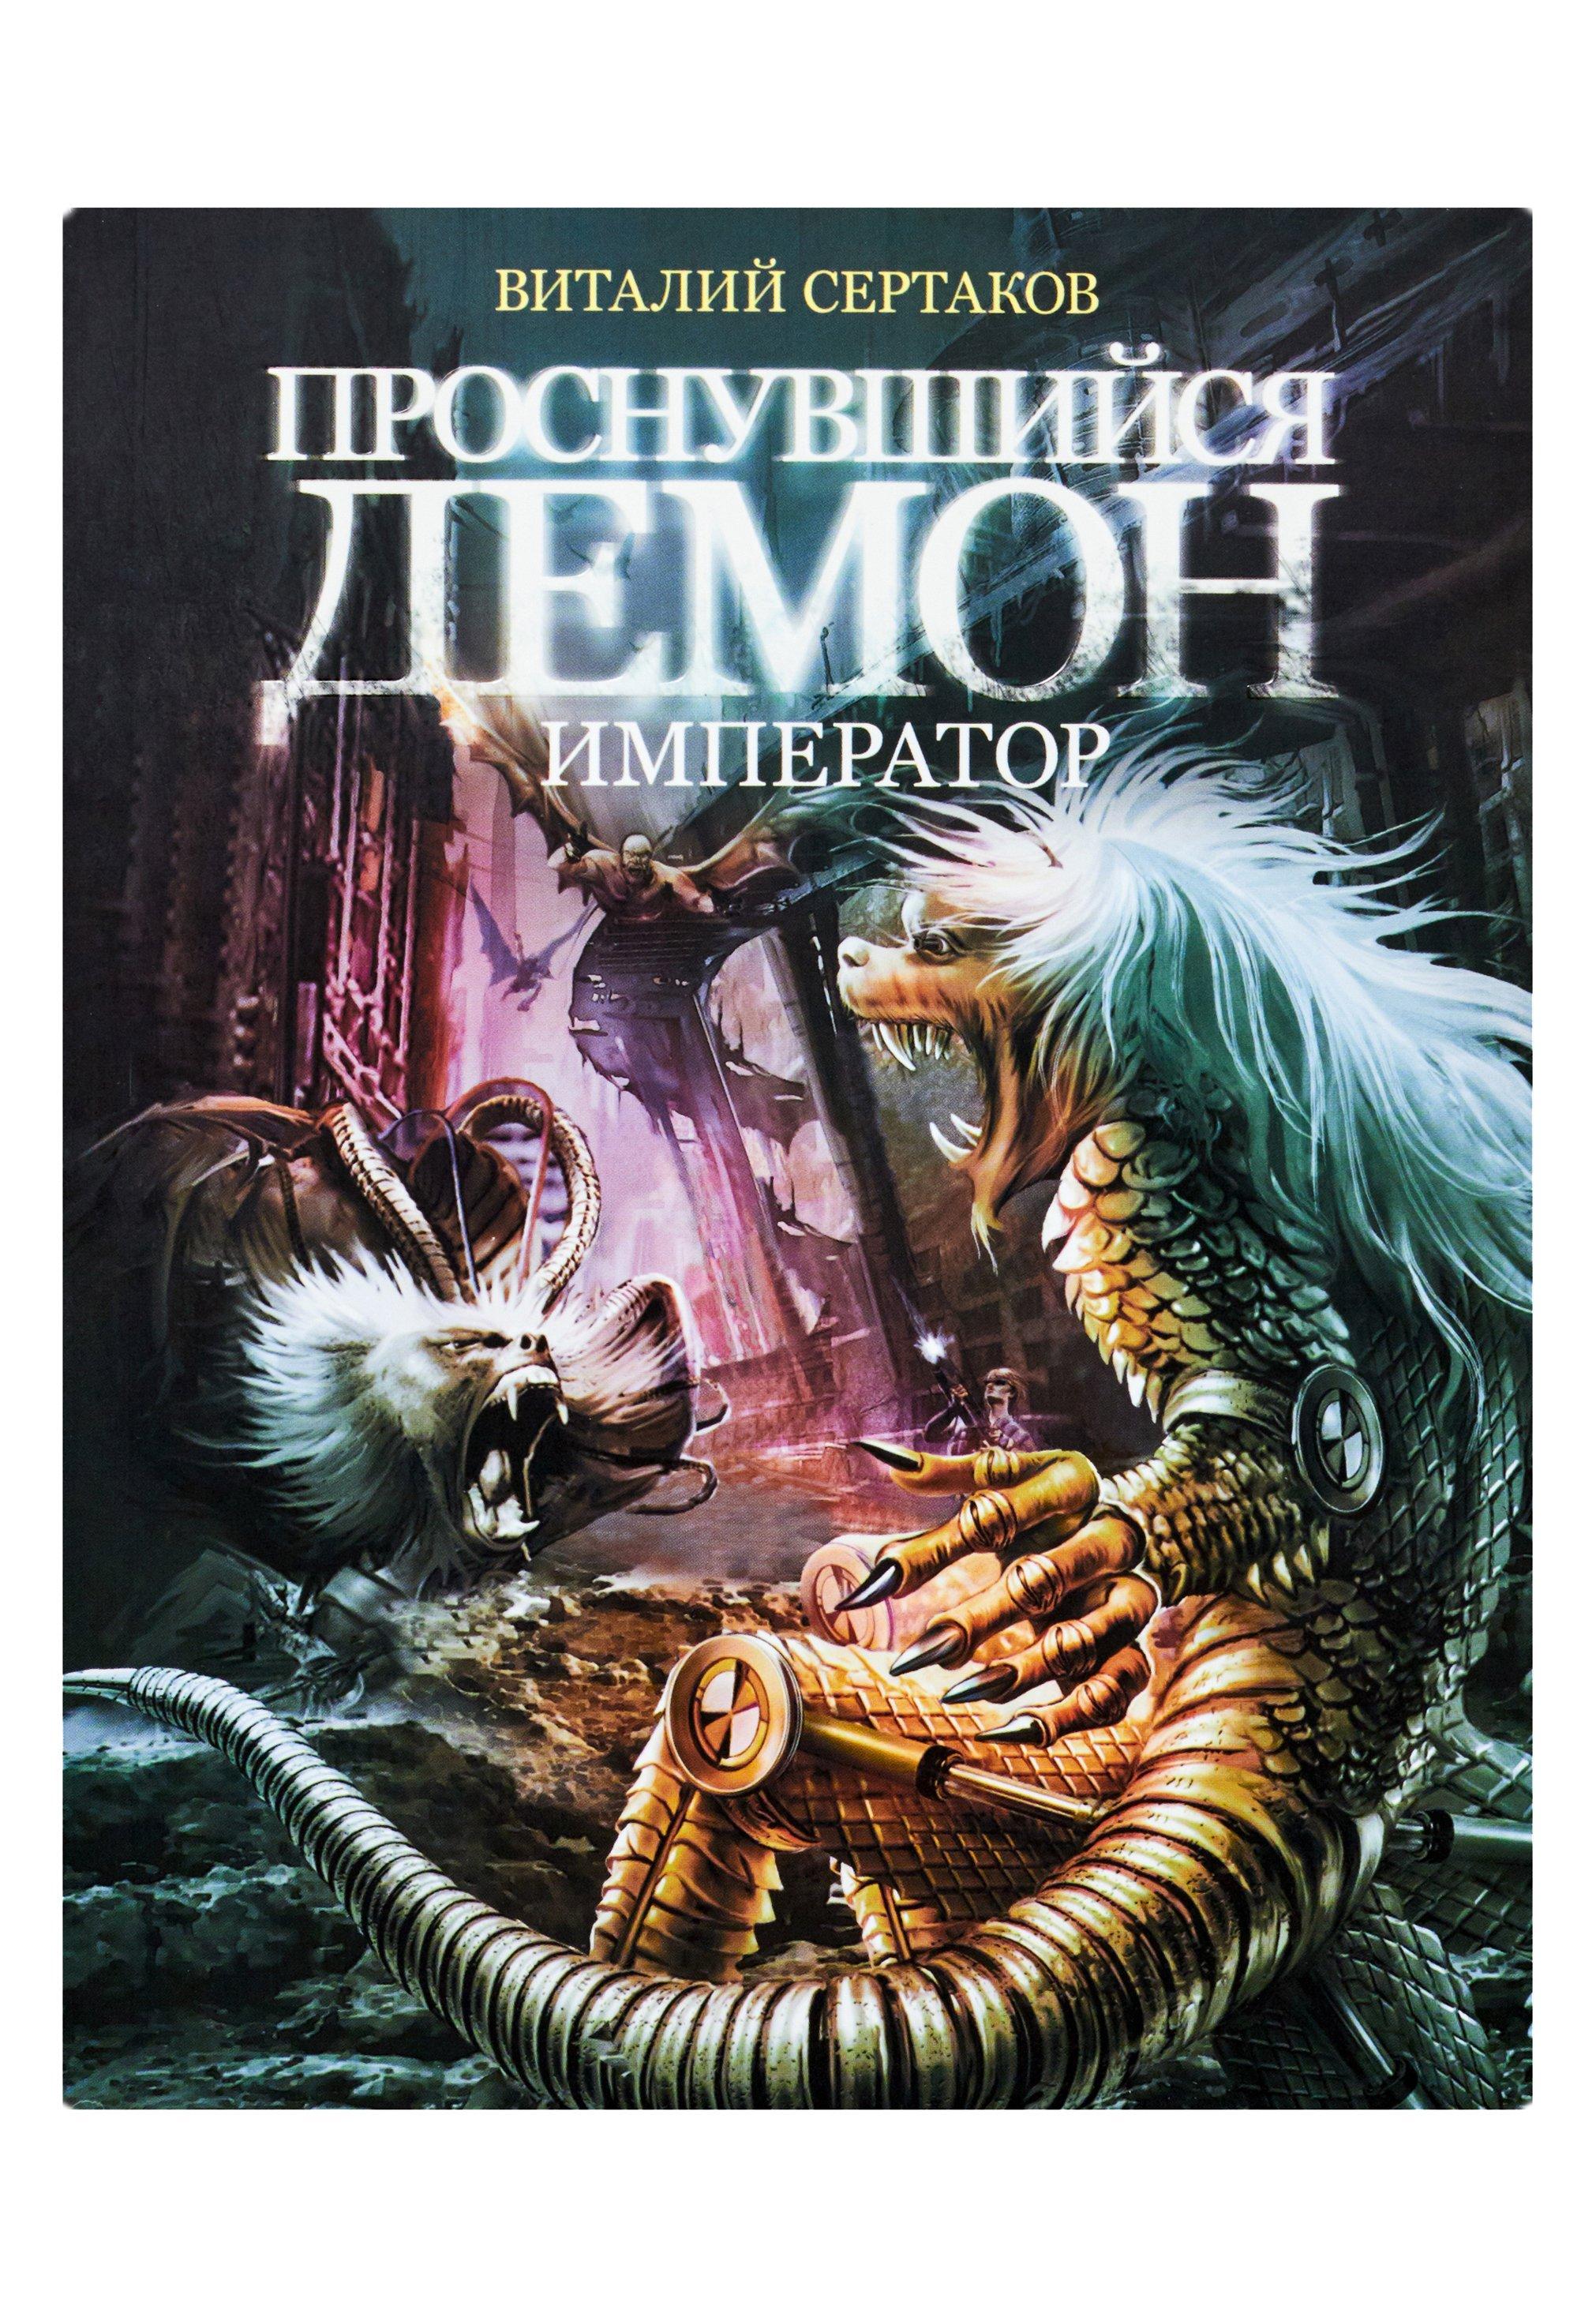 цена на Сертаков Виталий Владимирович Проснувшийся демон. Демон - император